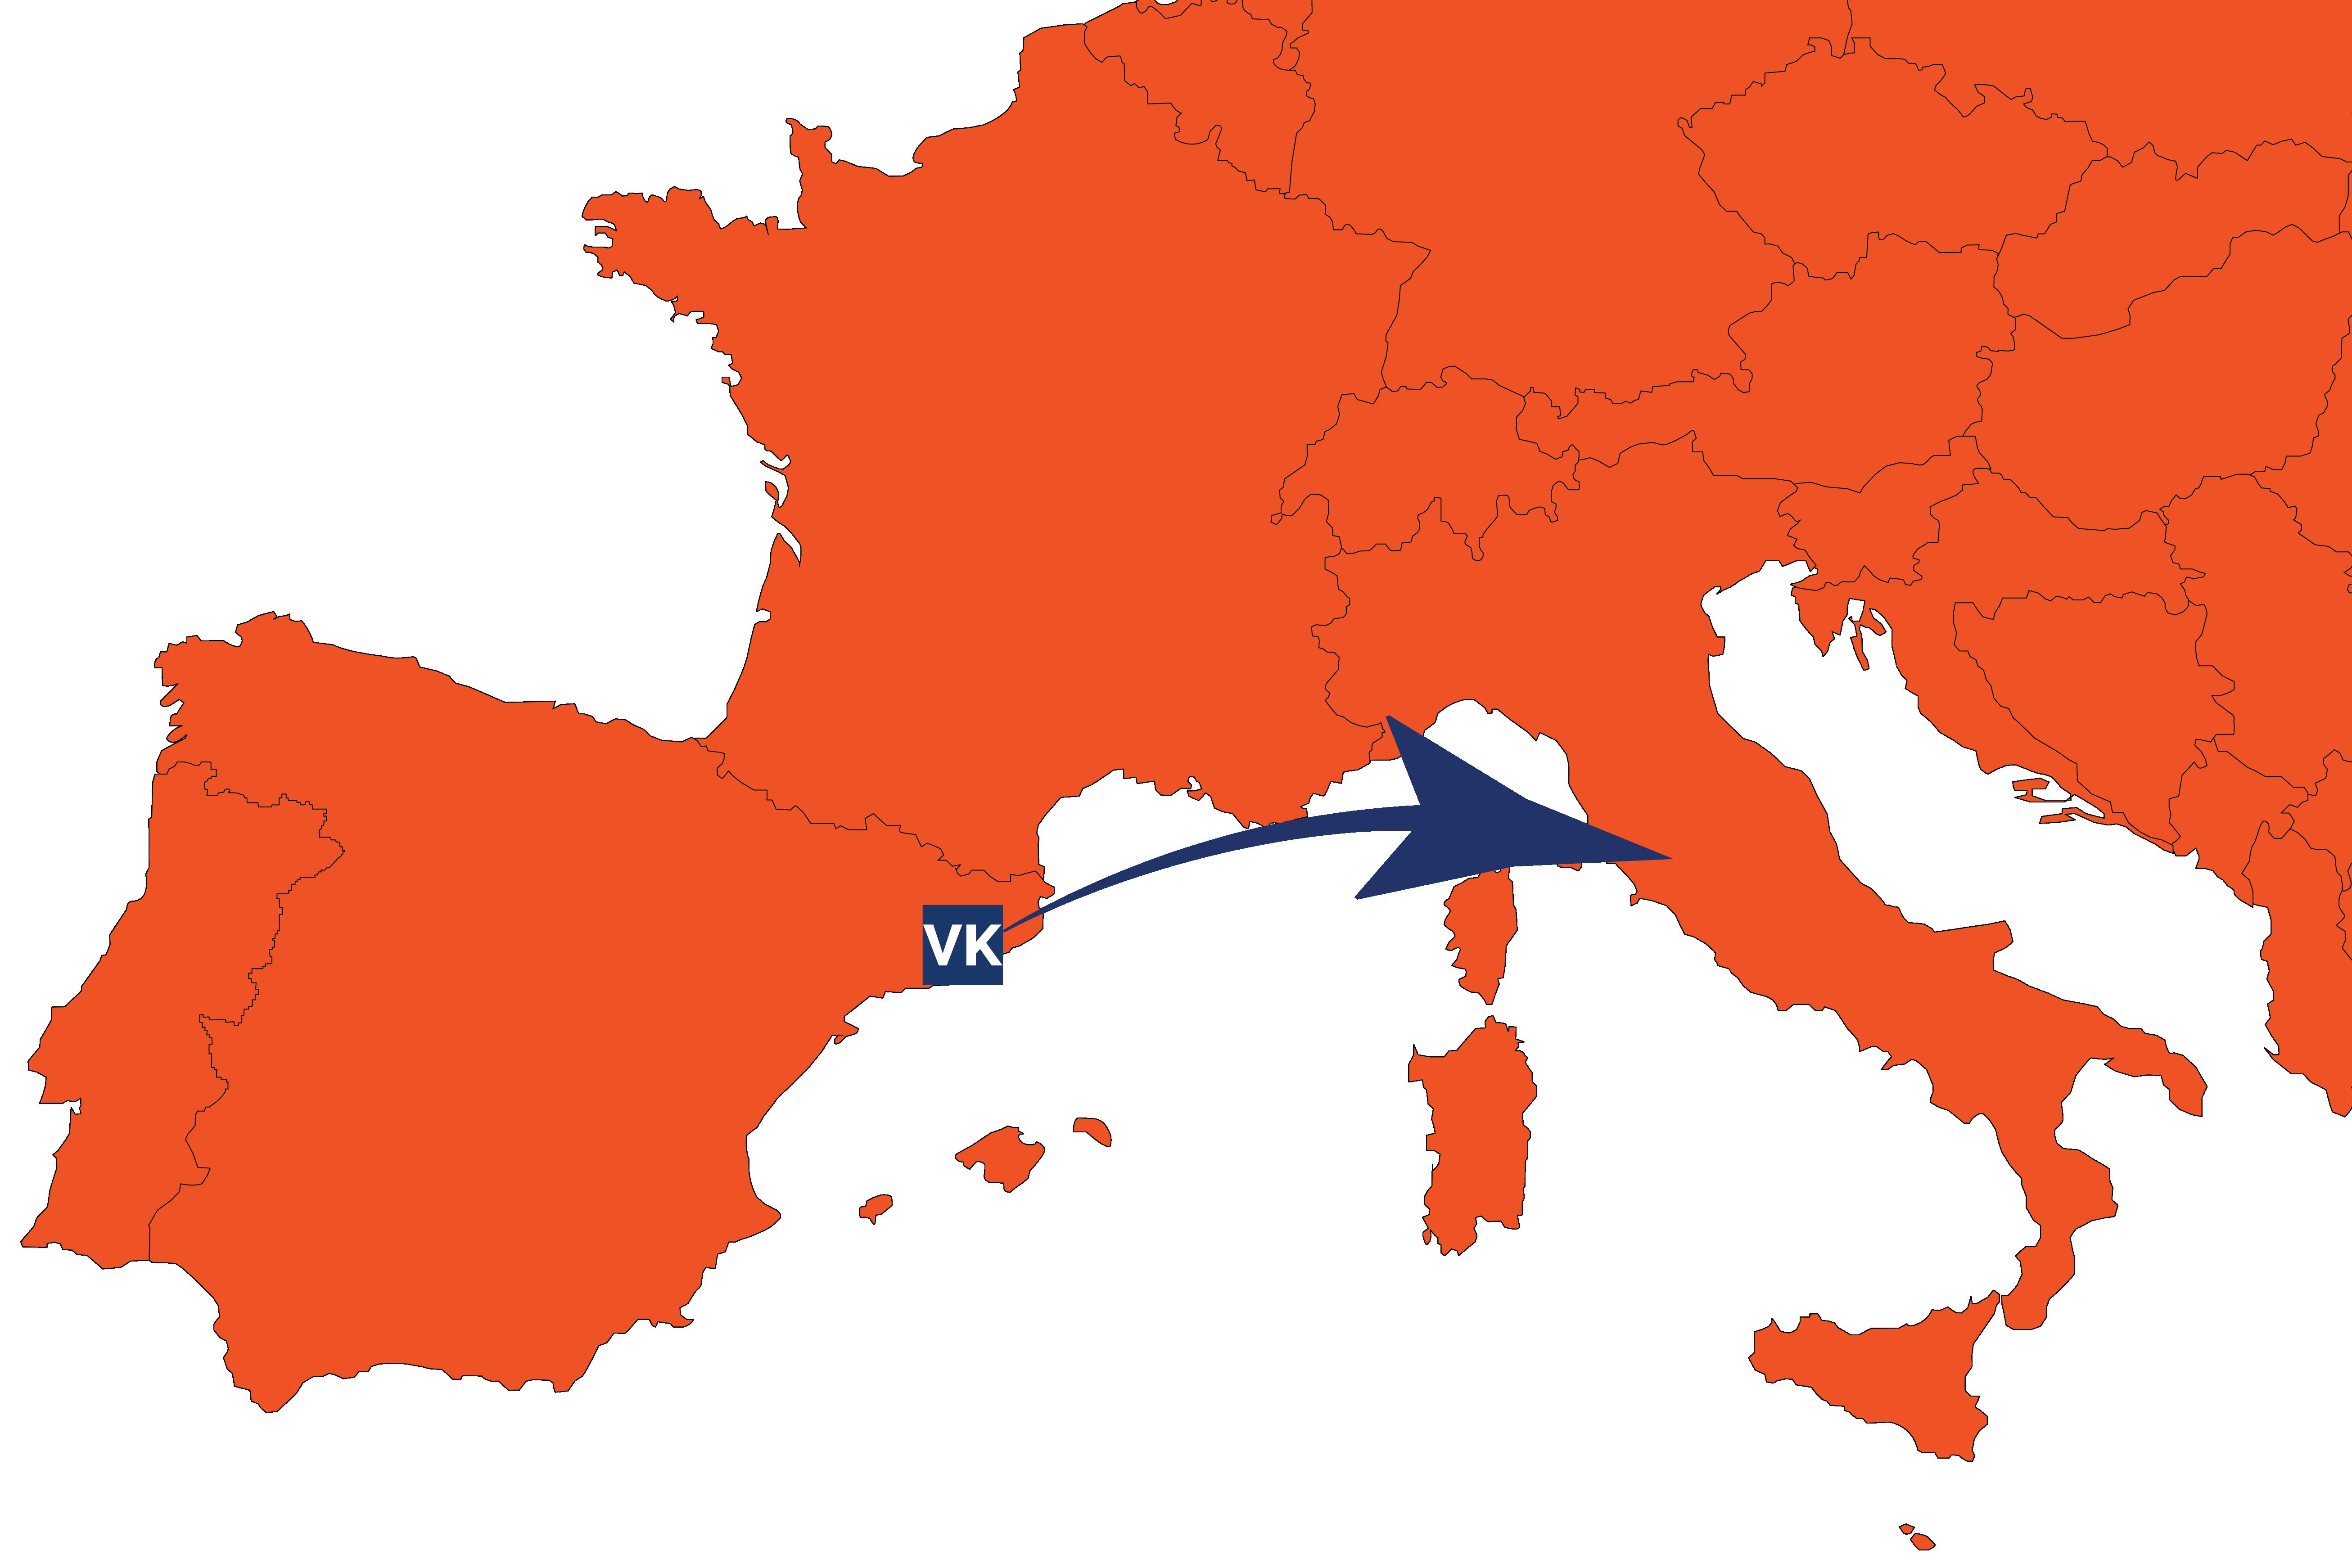 VAK KIMSA in EUROPE